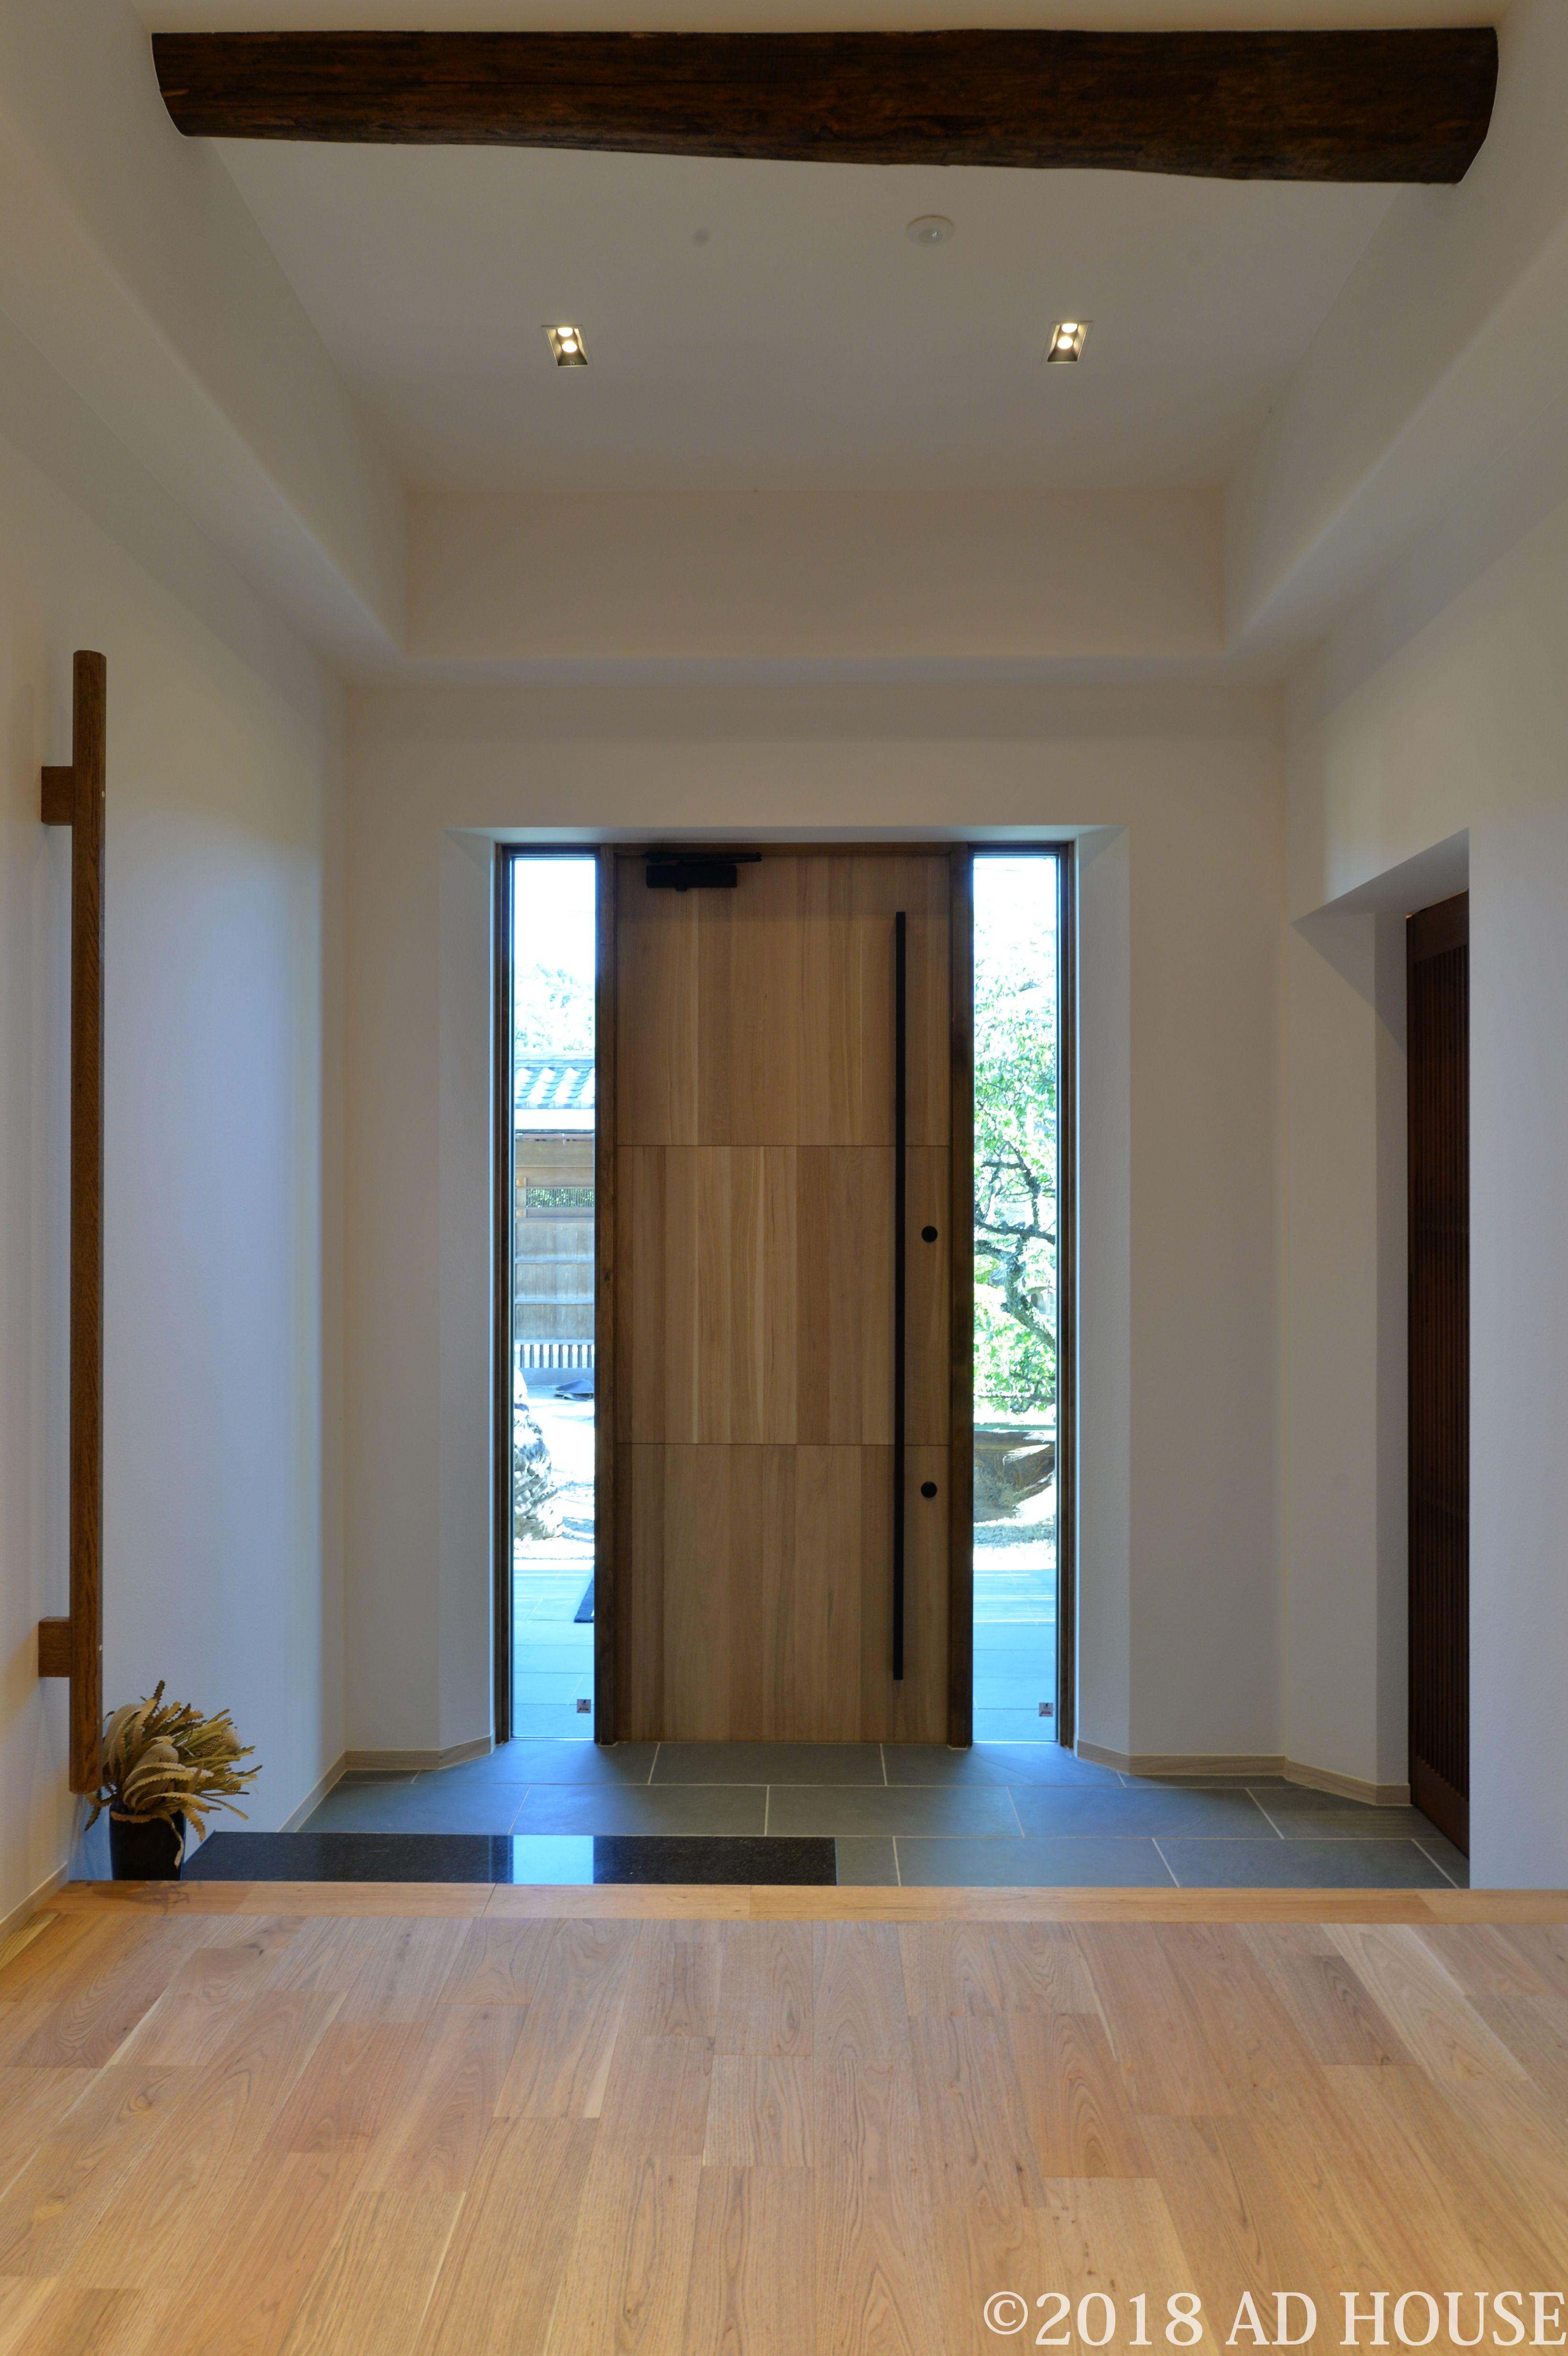 オーク材の断熱玄関扉で 両側はめ殺しの窓から光を取り込んでいる